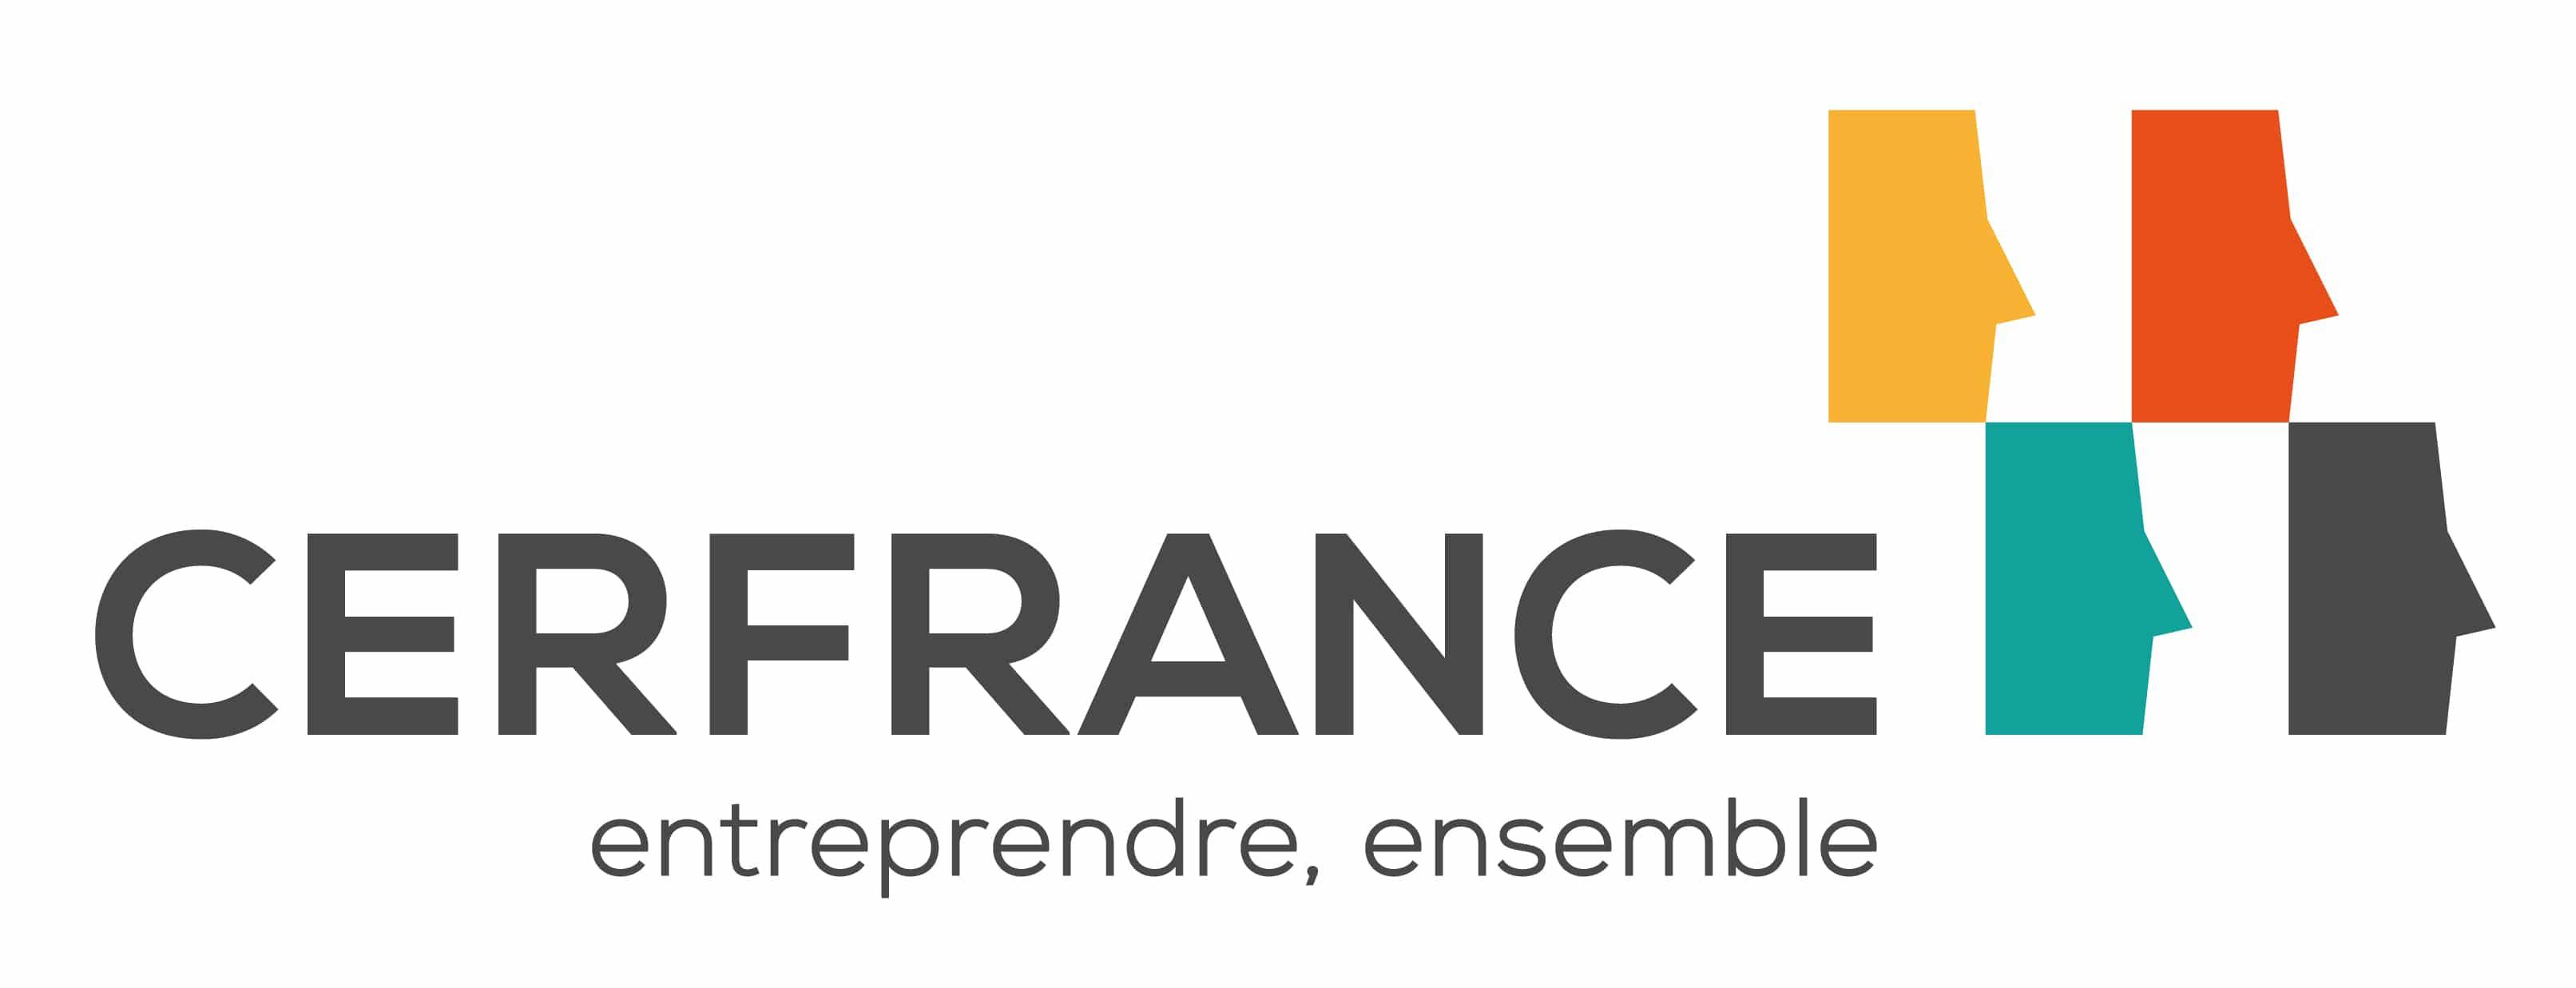 59cb7d176a6a2 Logo Cerfrance Baseline Dessous Officiel